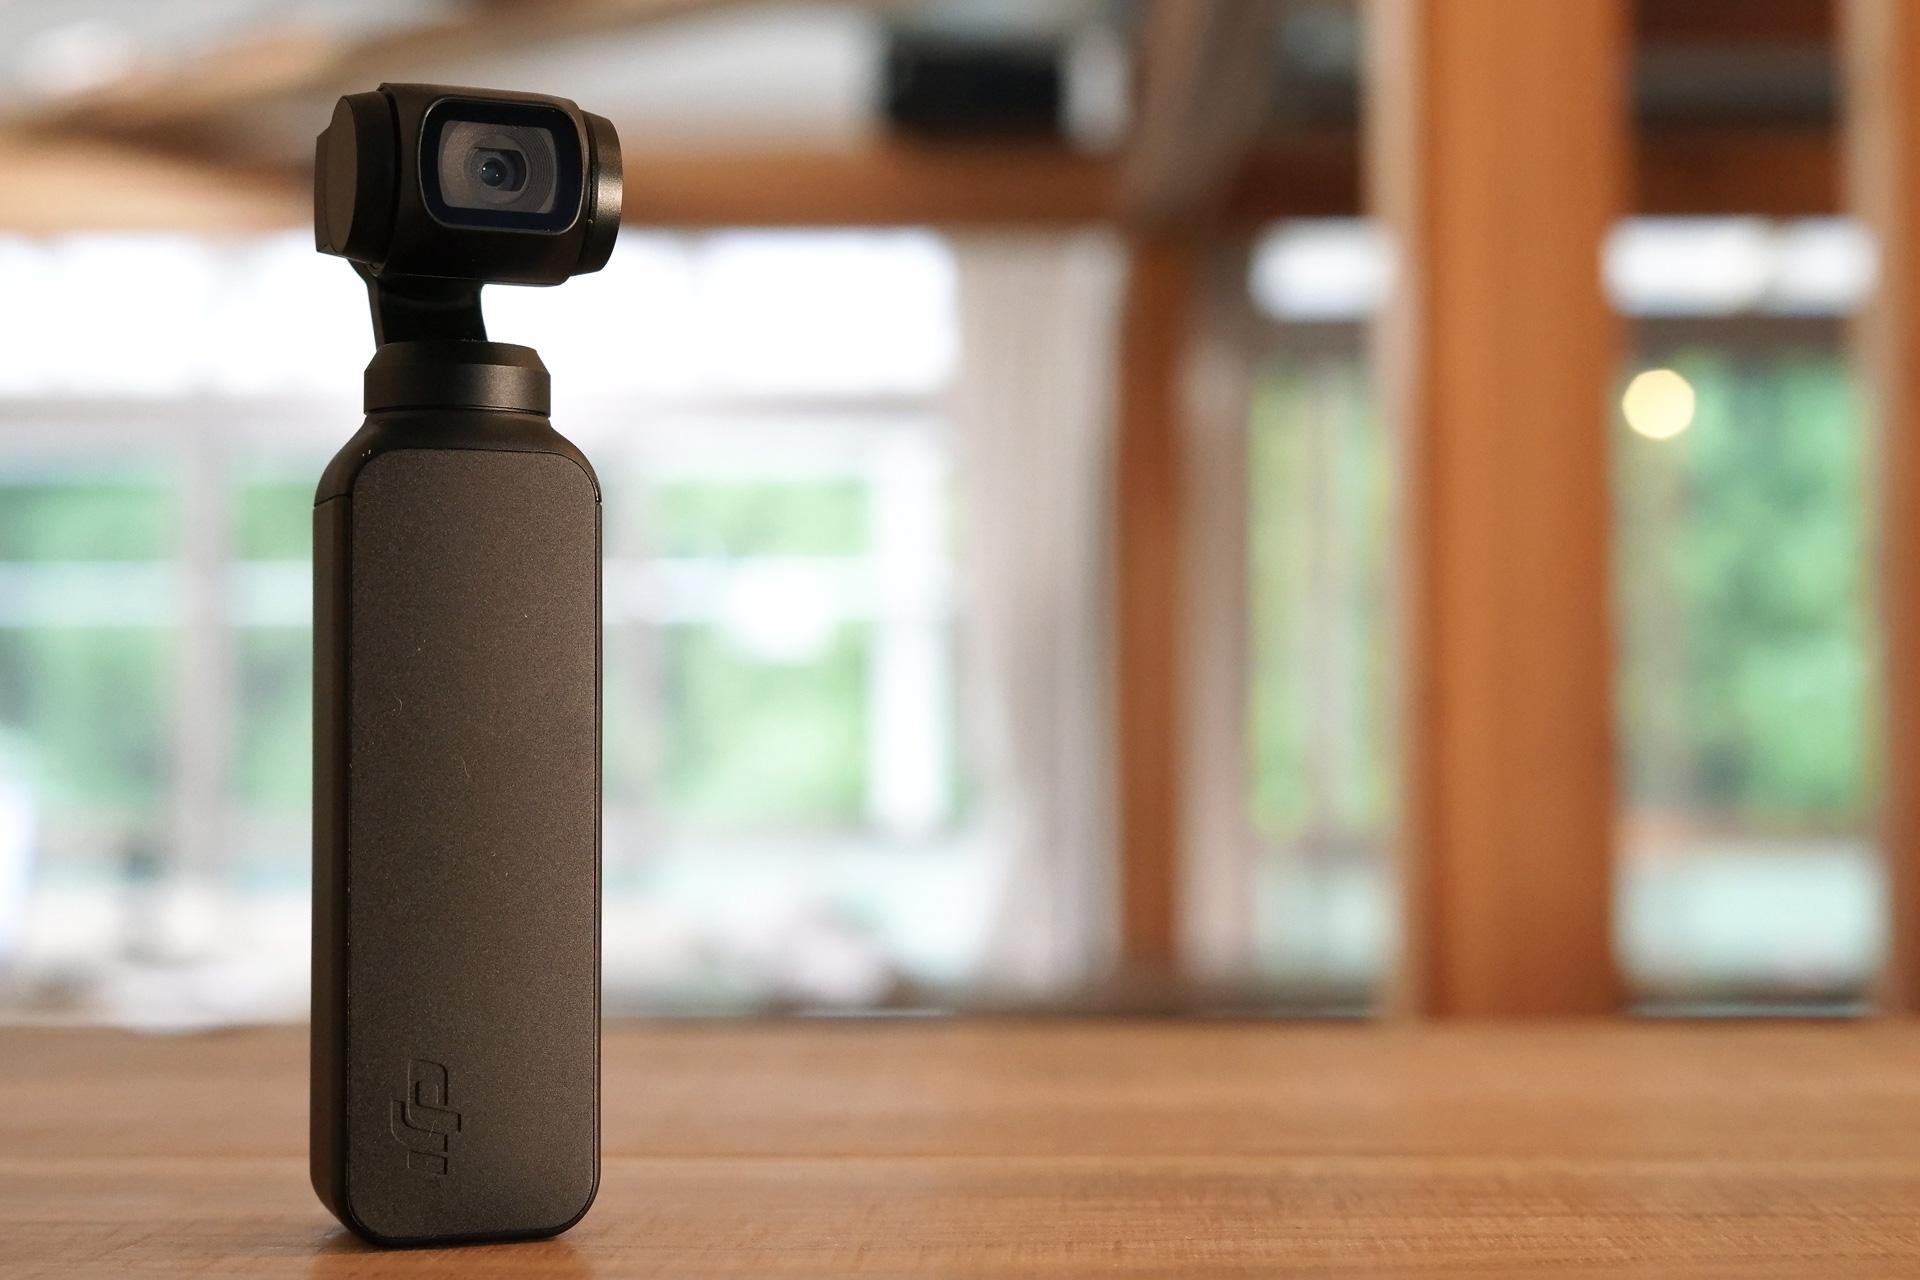 3軸スタビライザーが魅力 DJI Osmo Pocket(オズモポケット)を選んだ理由